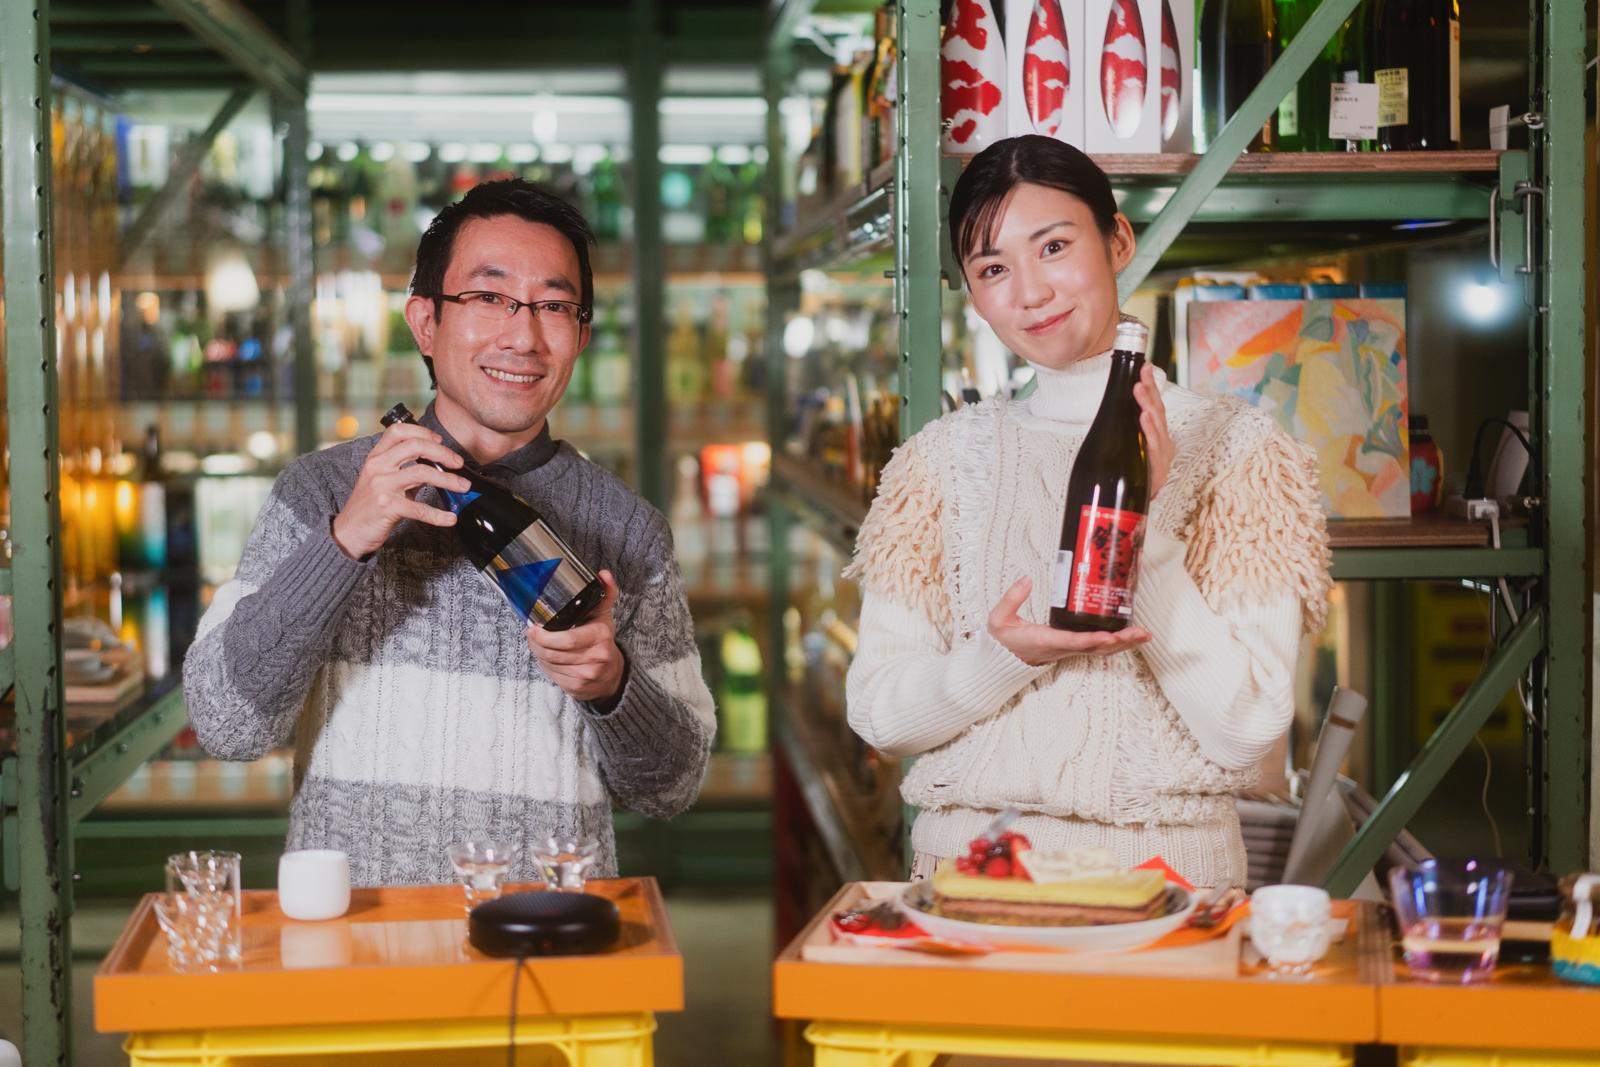 渡辺早織のひみつの乾杯 オンラインイベント「今夜はおうちでひみつの乾杯」